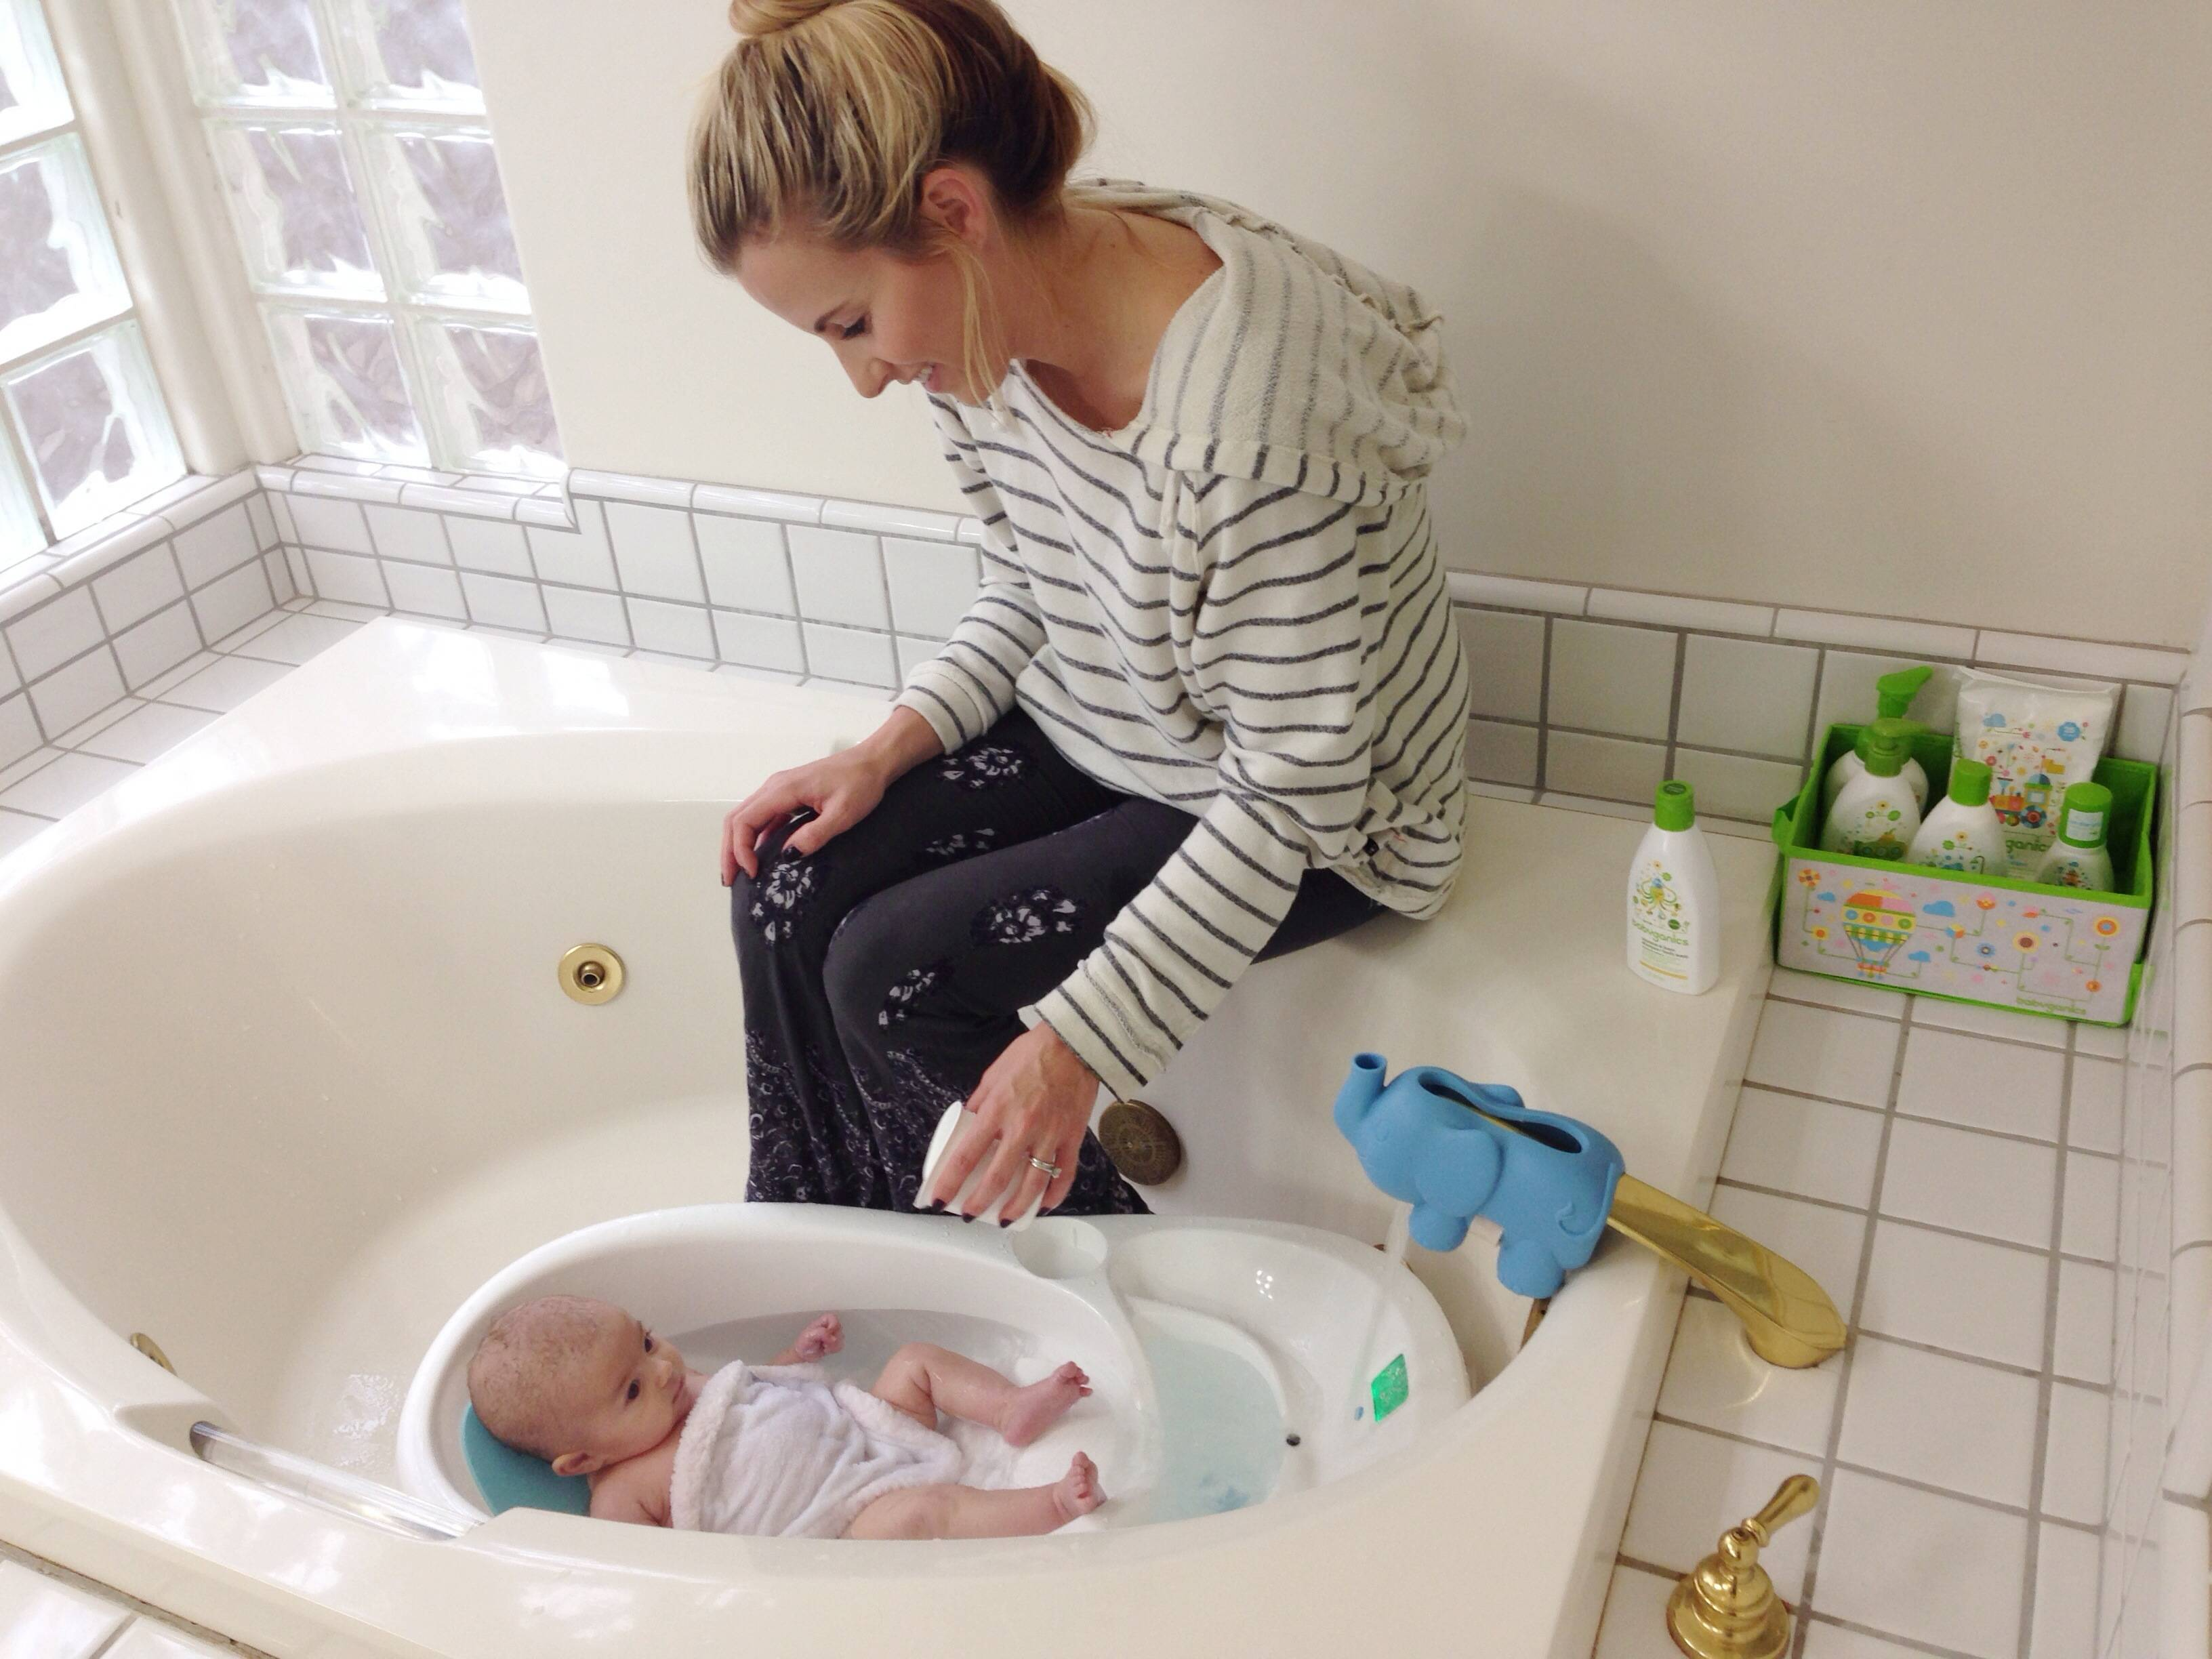 Вода для купания новорожденного: оптимальная температура и другие правила